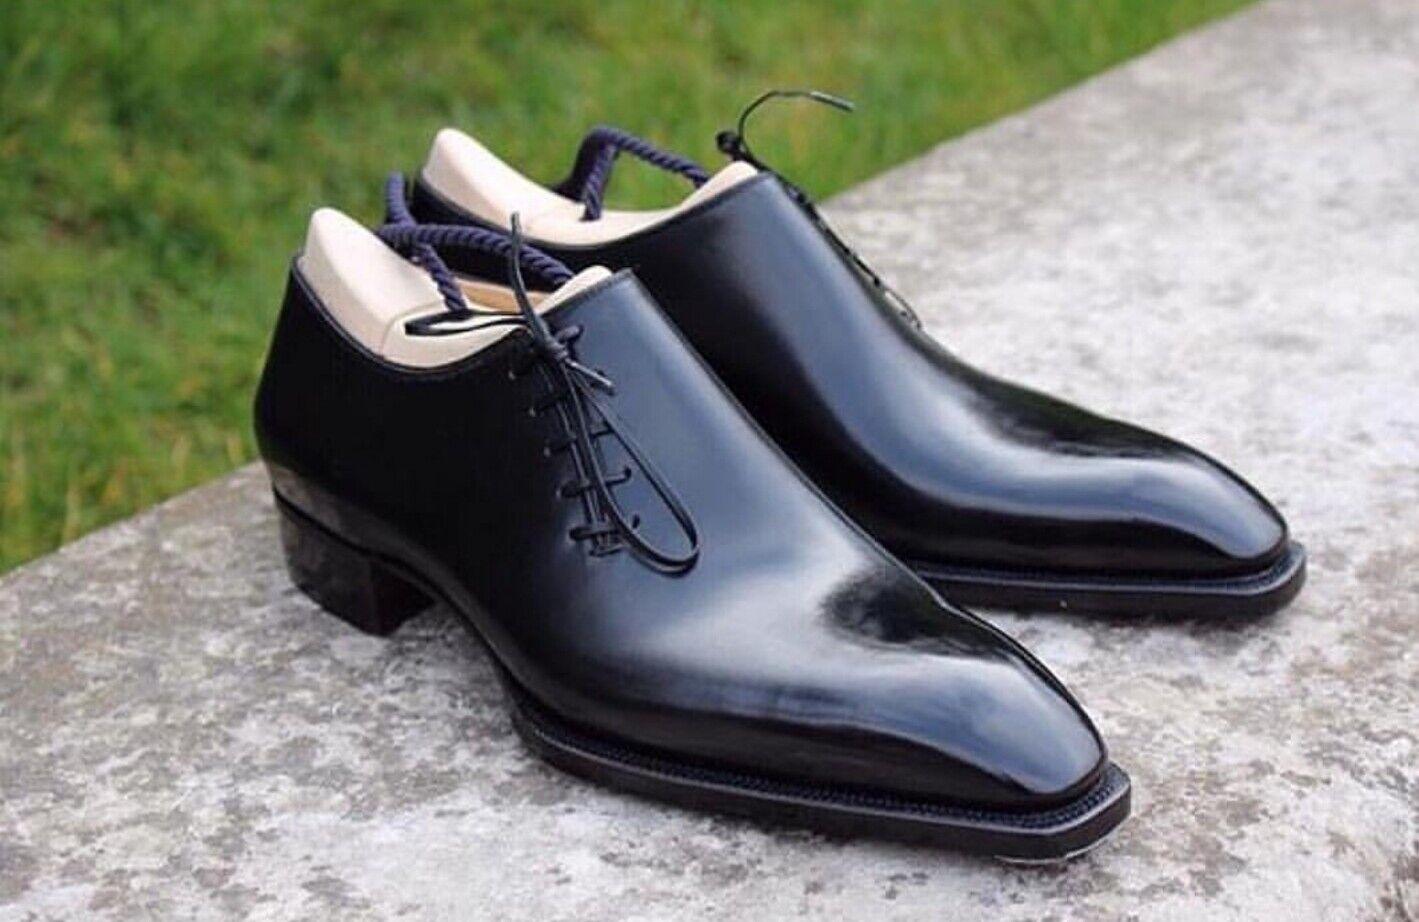 Elegante Handmade Men's Oxford  nero Lace Up scarpe, Trendy Fashion scarpe  il prezzo più basso